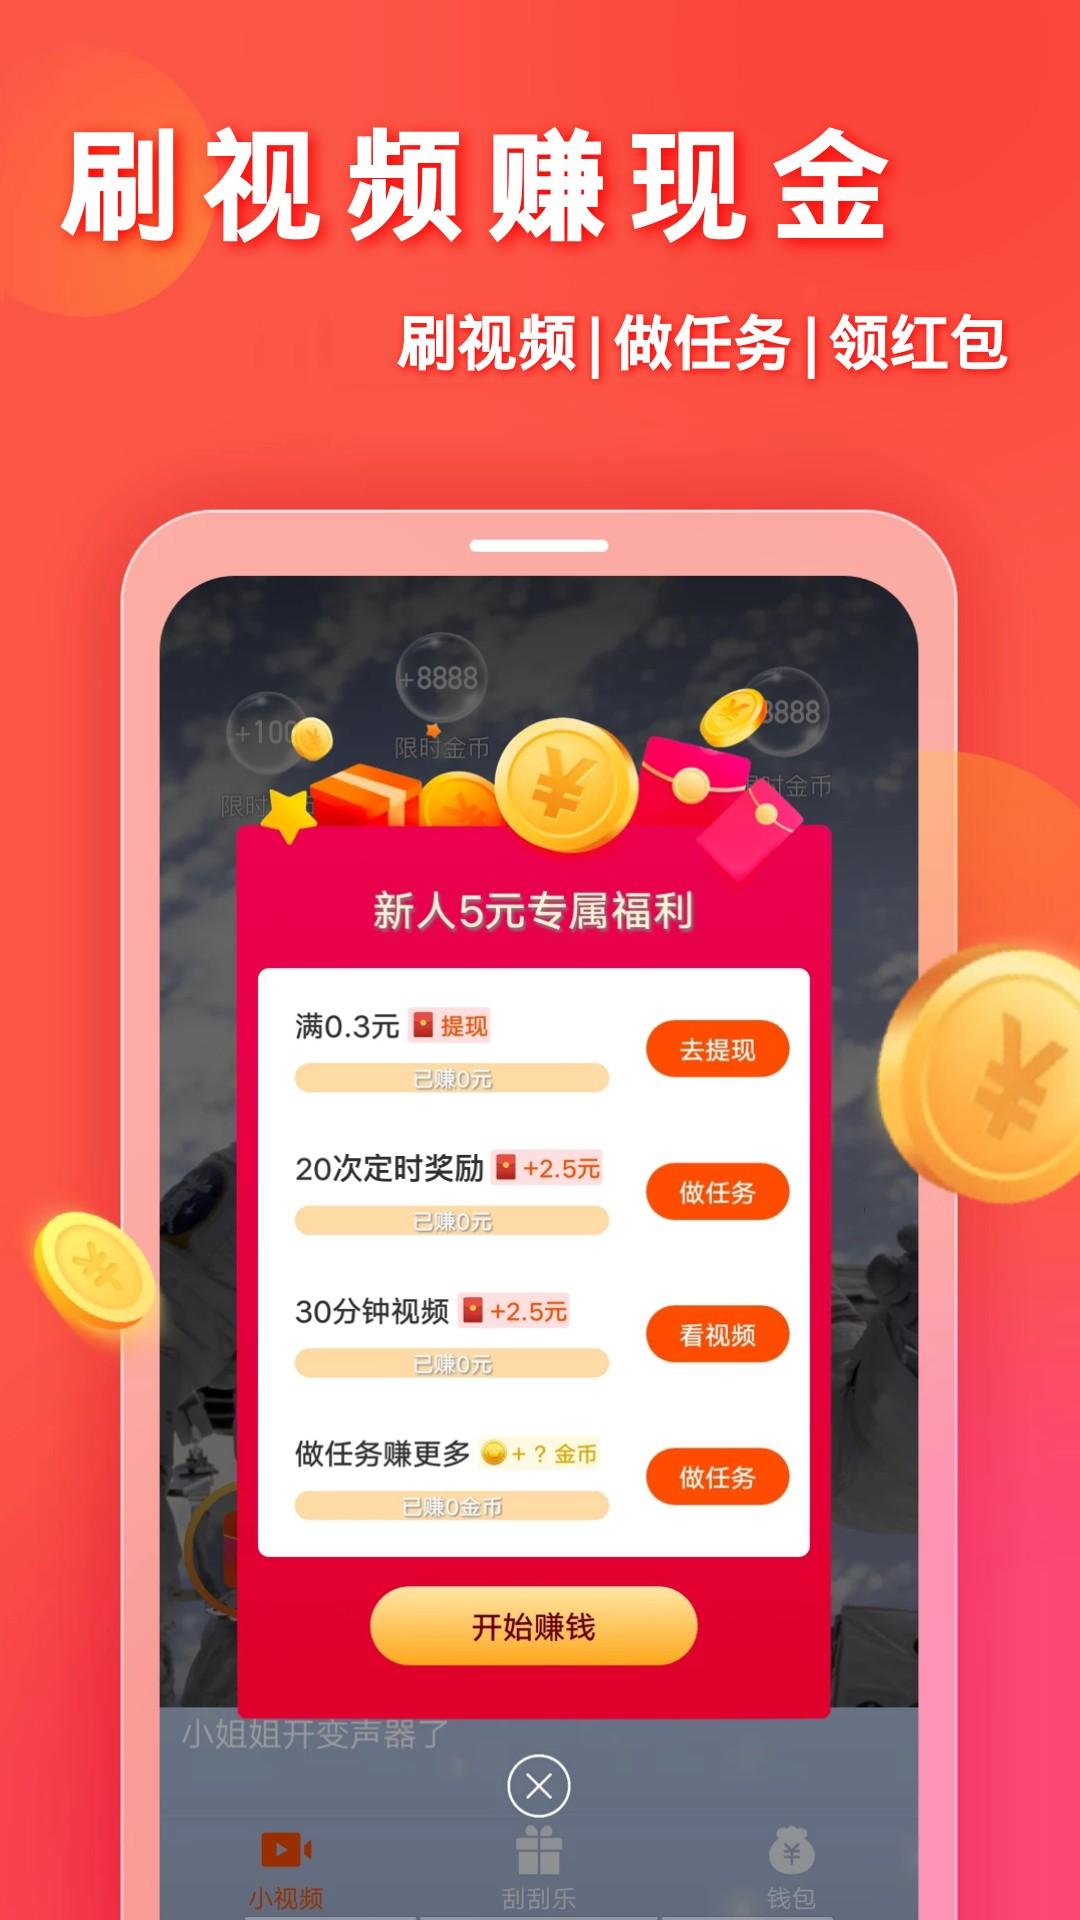 妙看赚钱安卓极速版 V3.1.9.200903